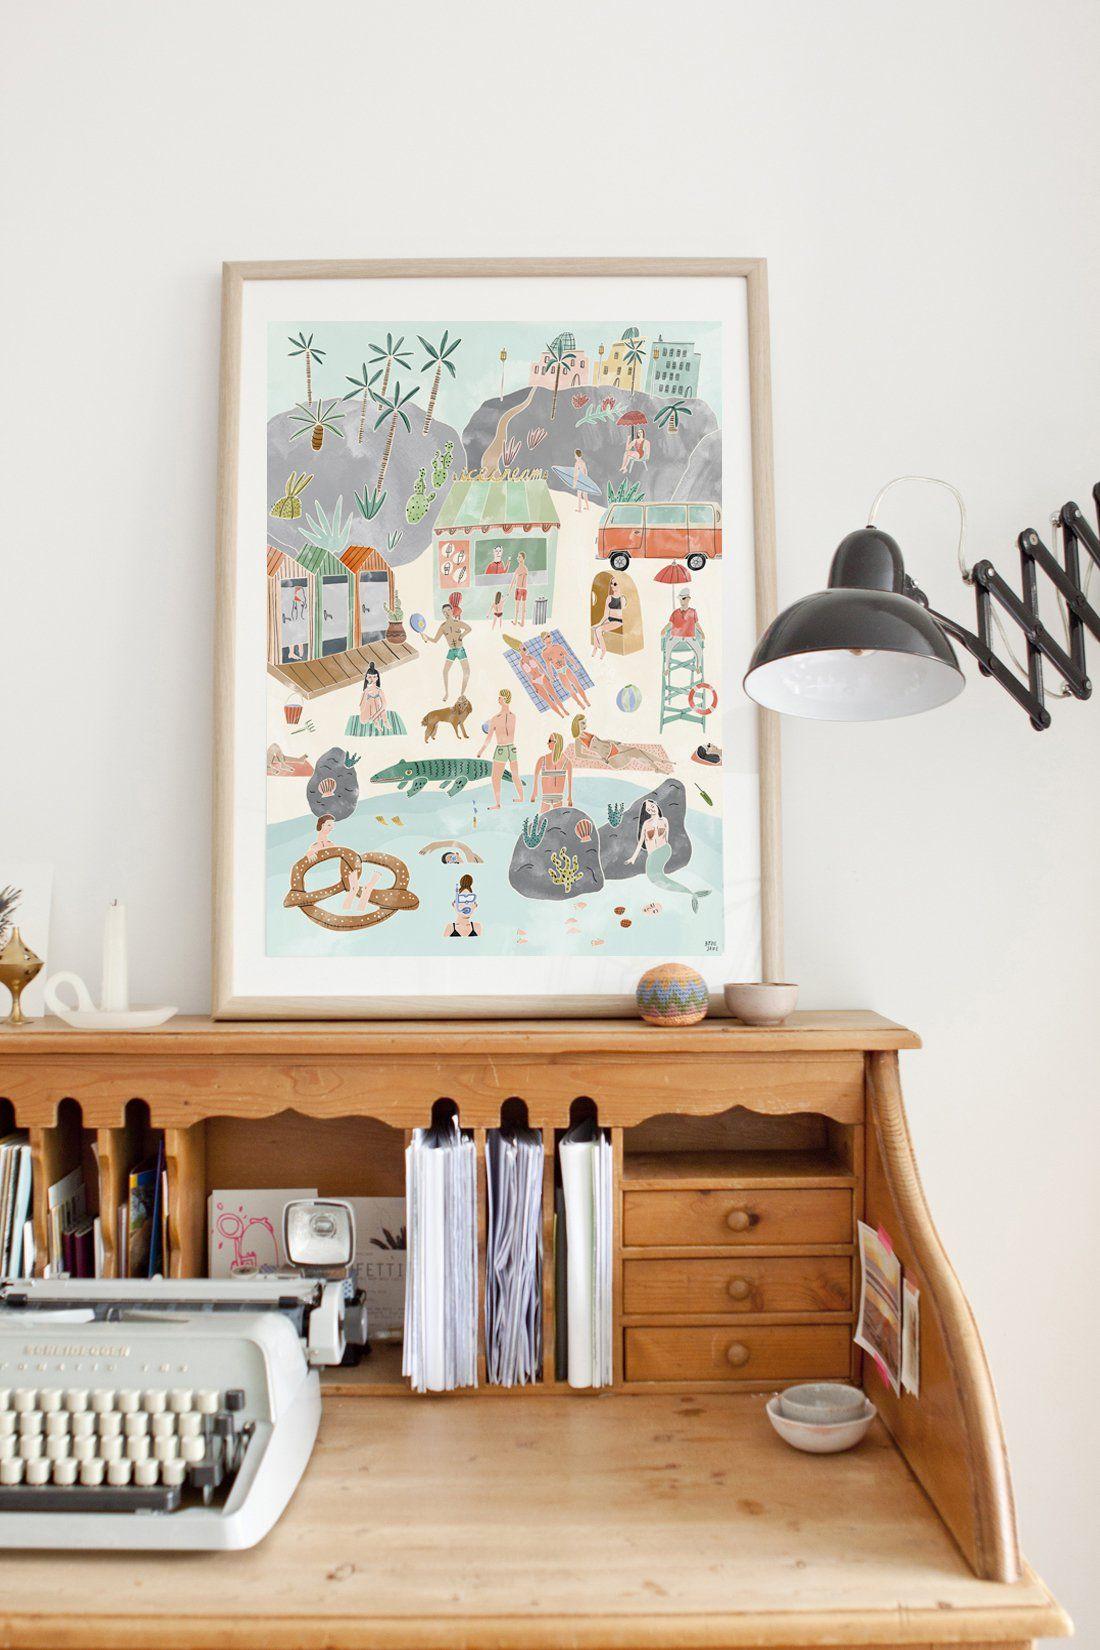 Botanical + Boho Style Prints - decor8